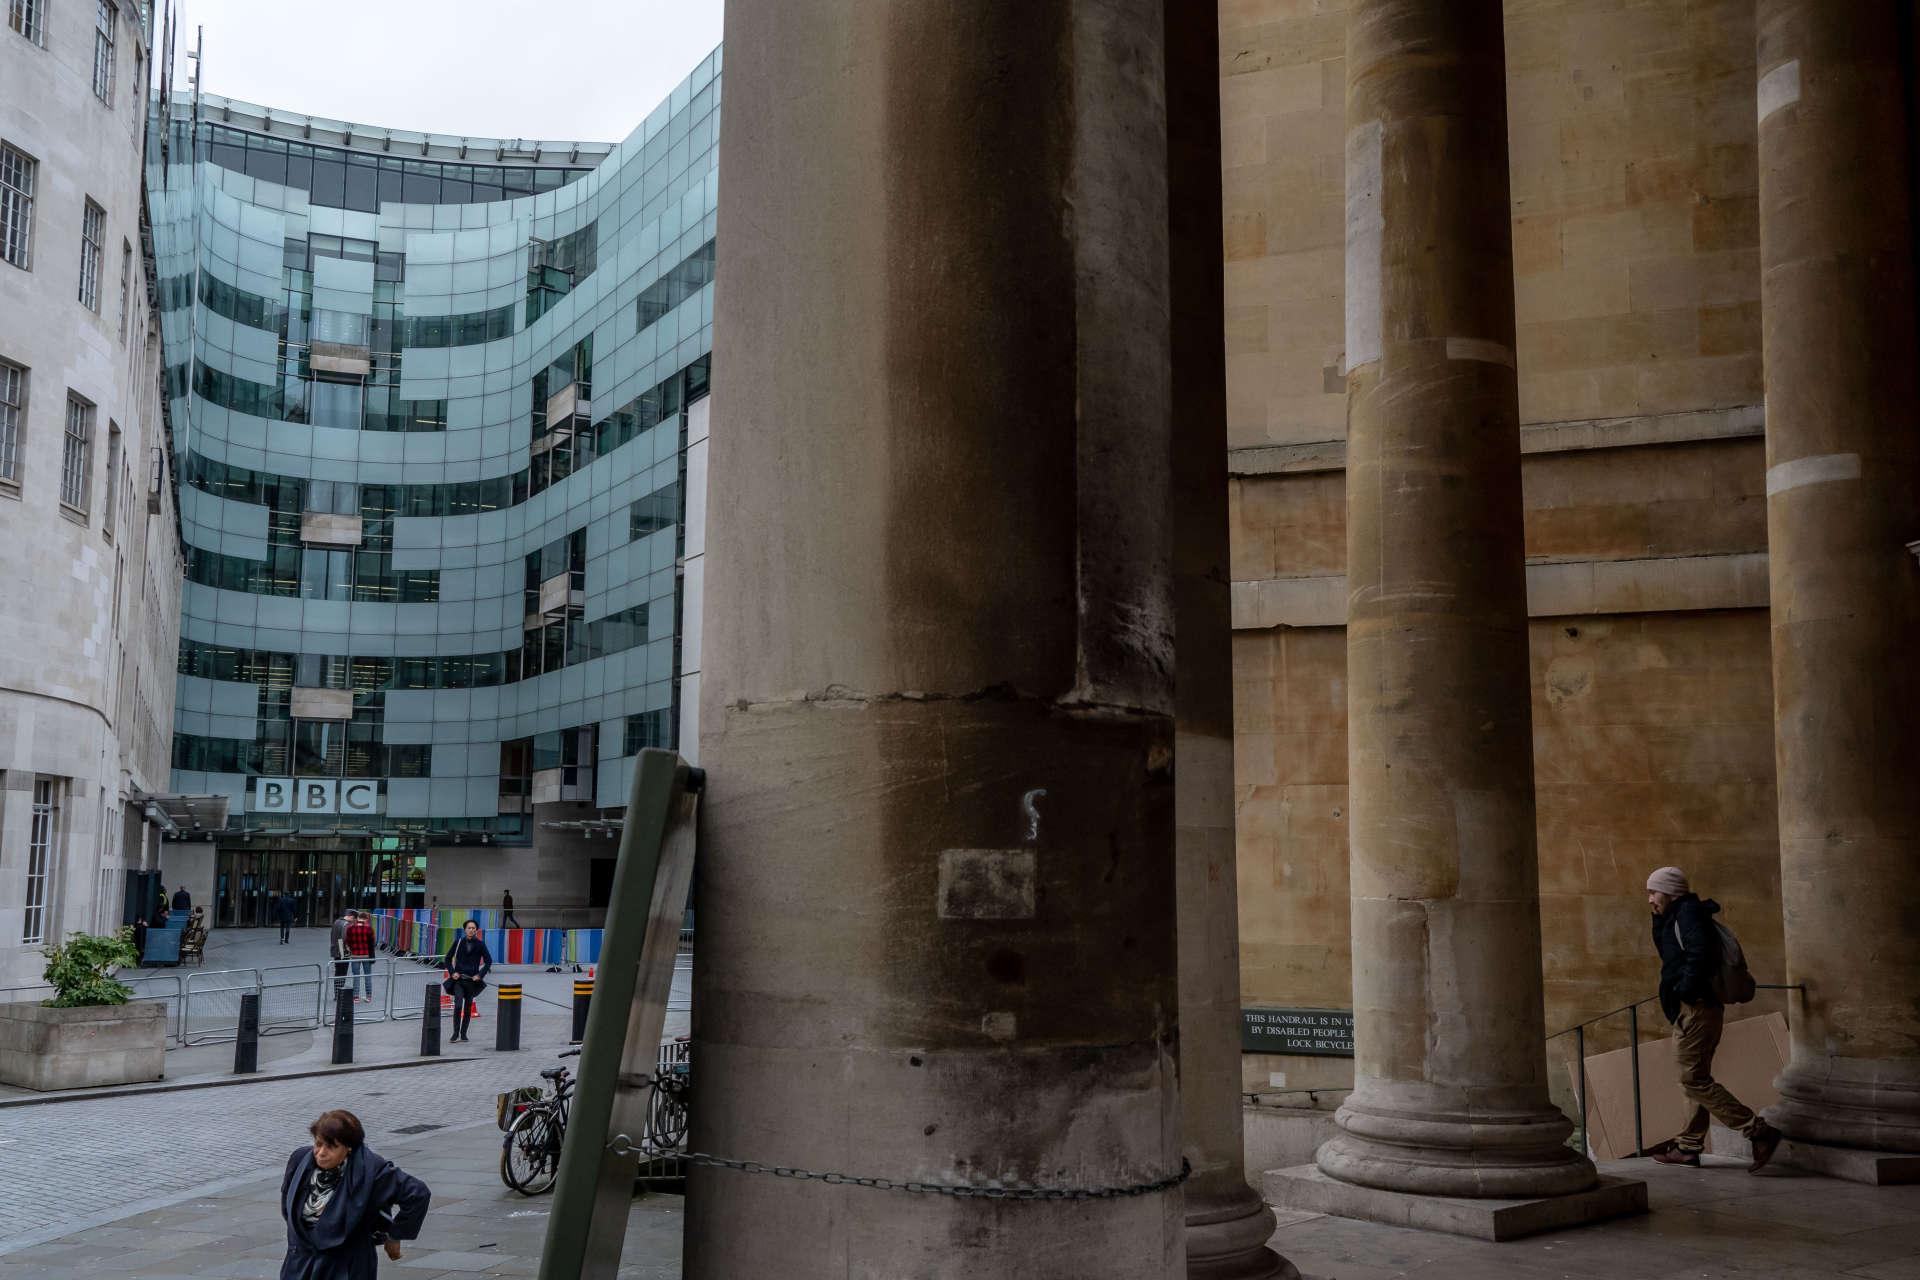 L'immeuble en verre de la BBC, dans le quartier de Marylebone, à Londres.